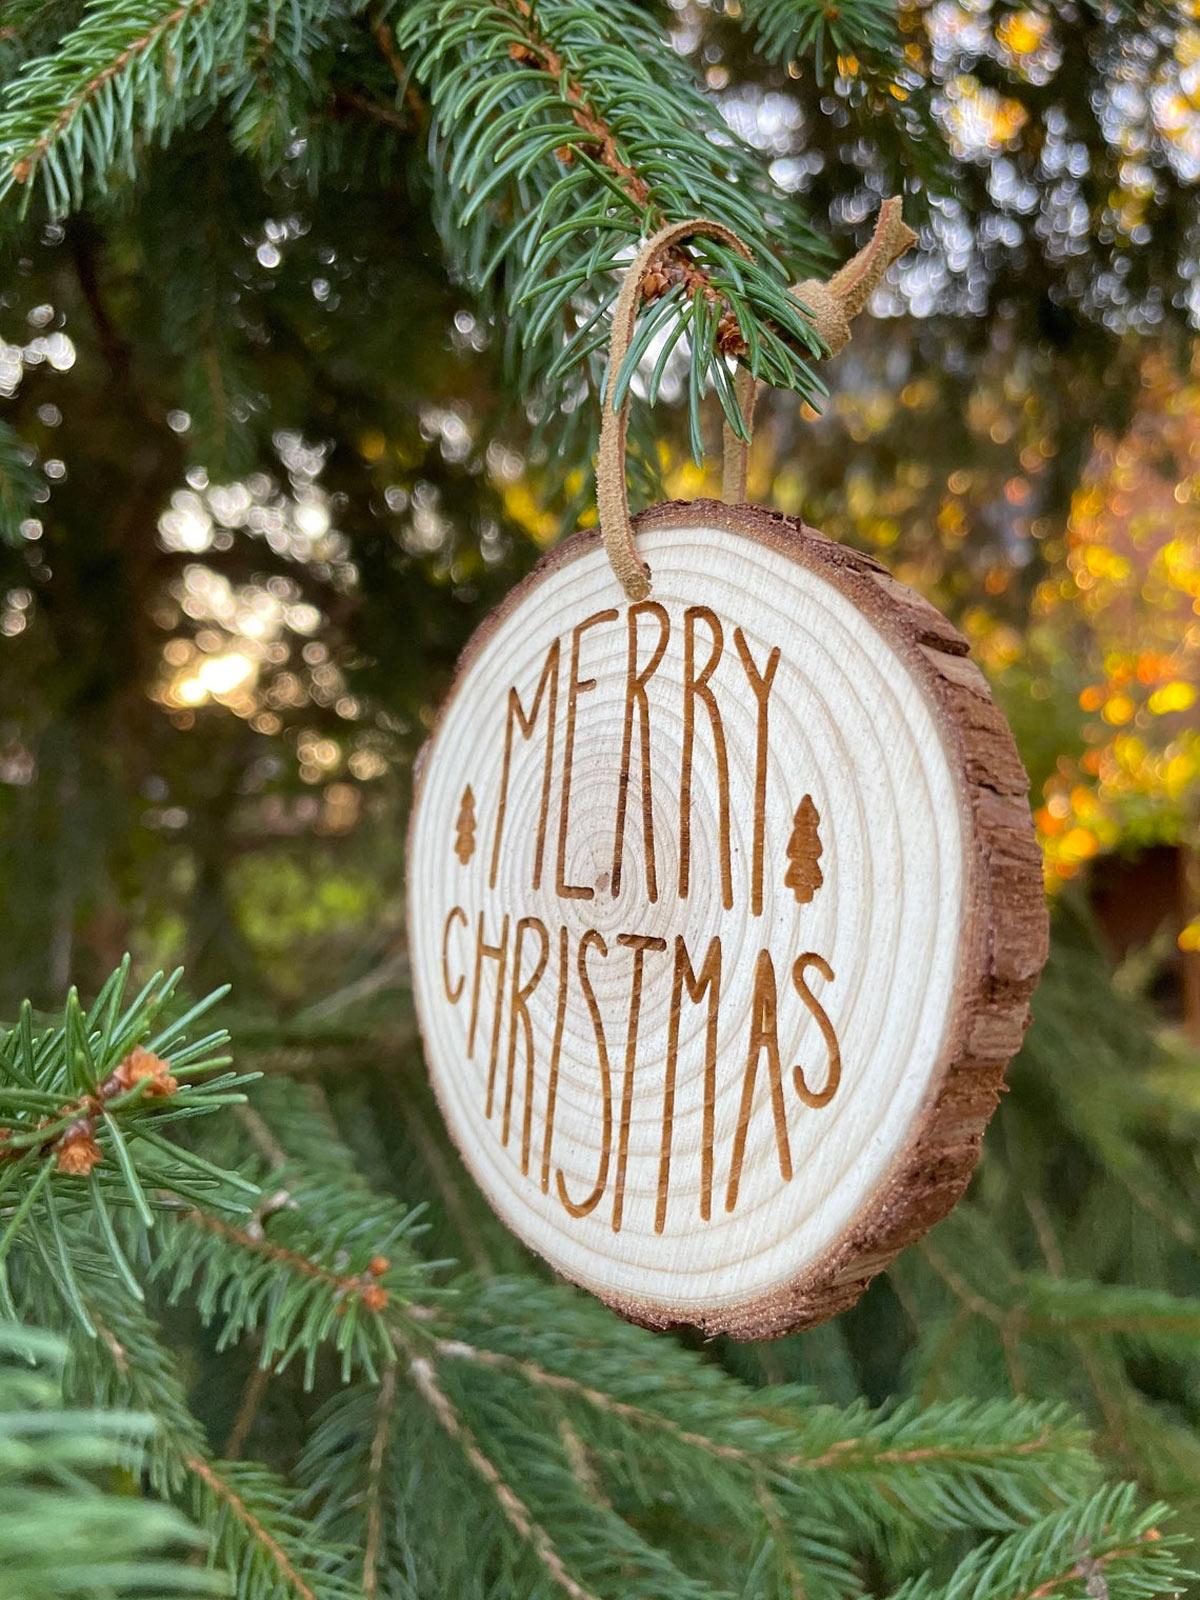 Le decorazioni natalizie in legno.